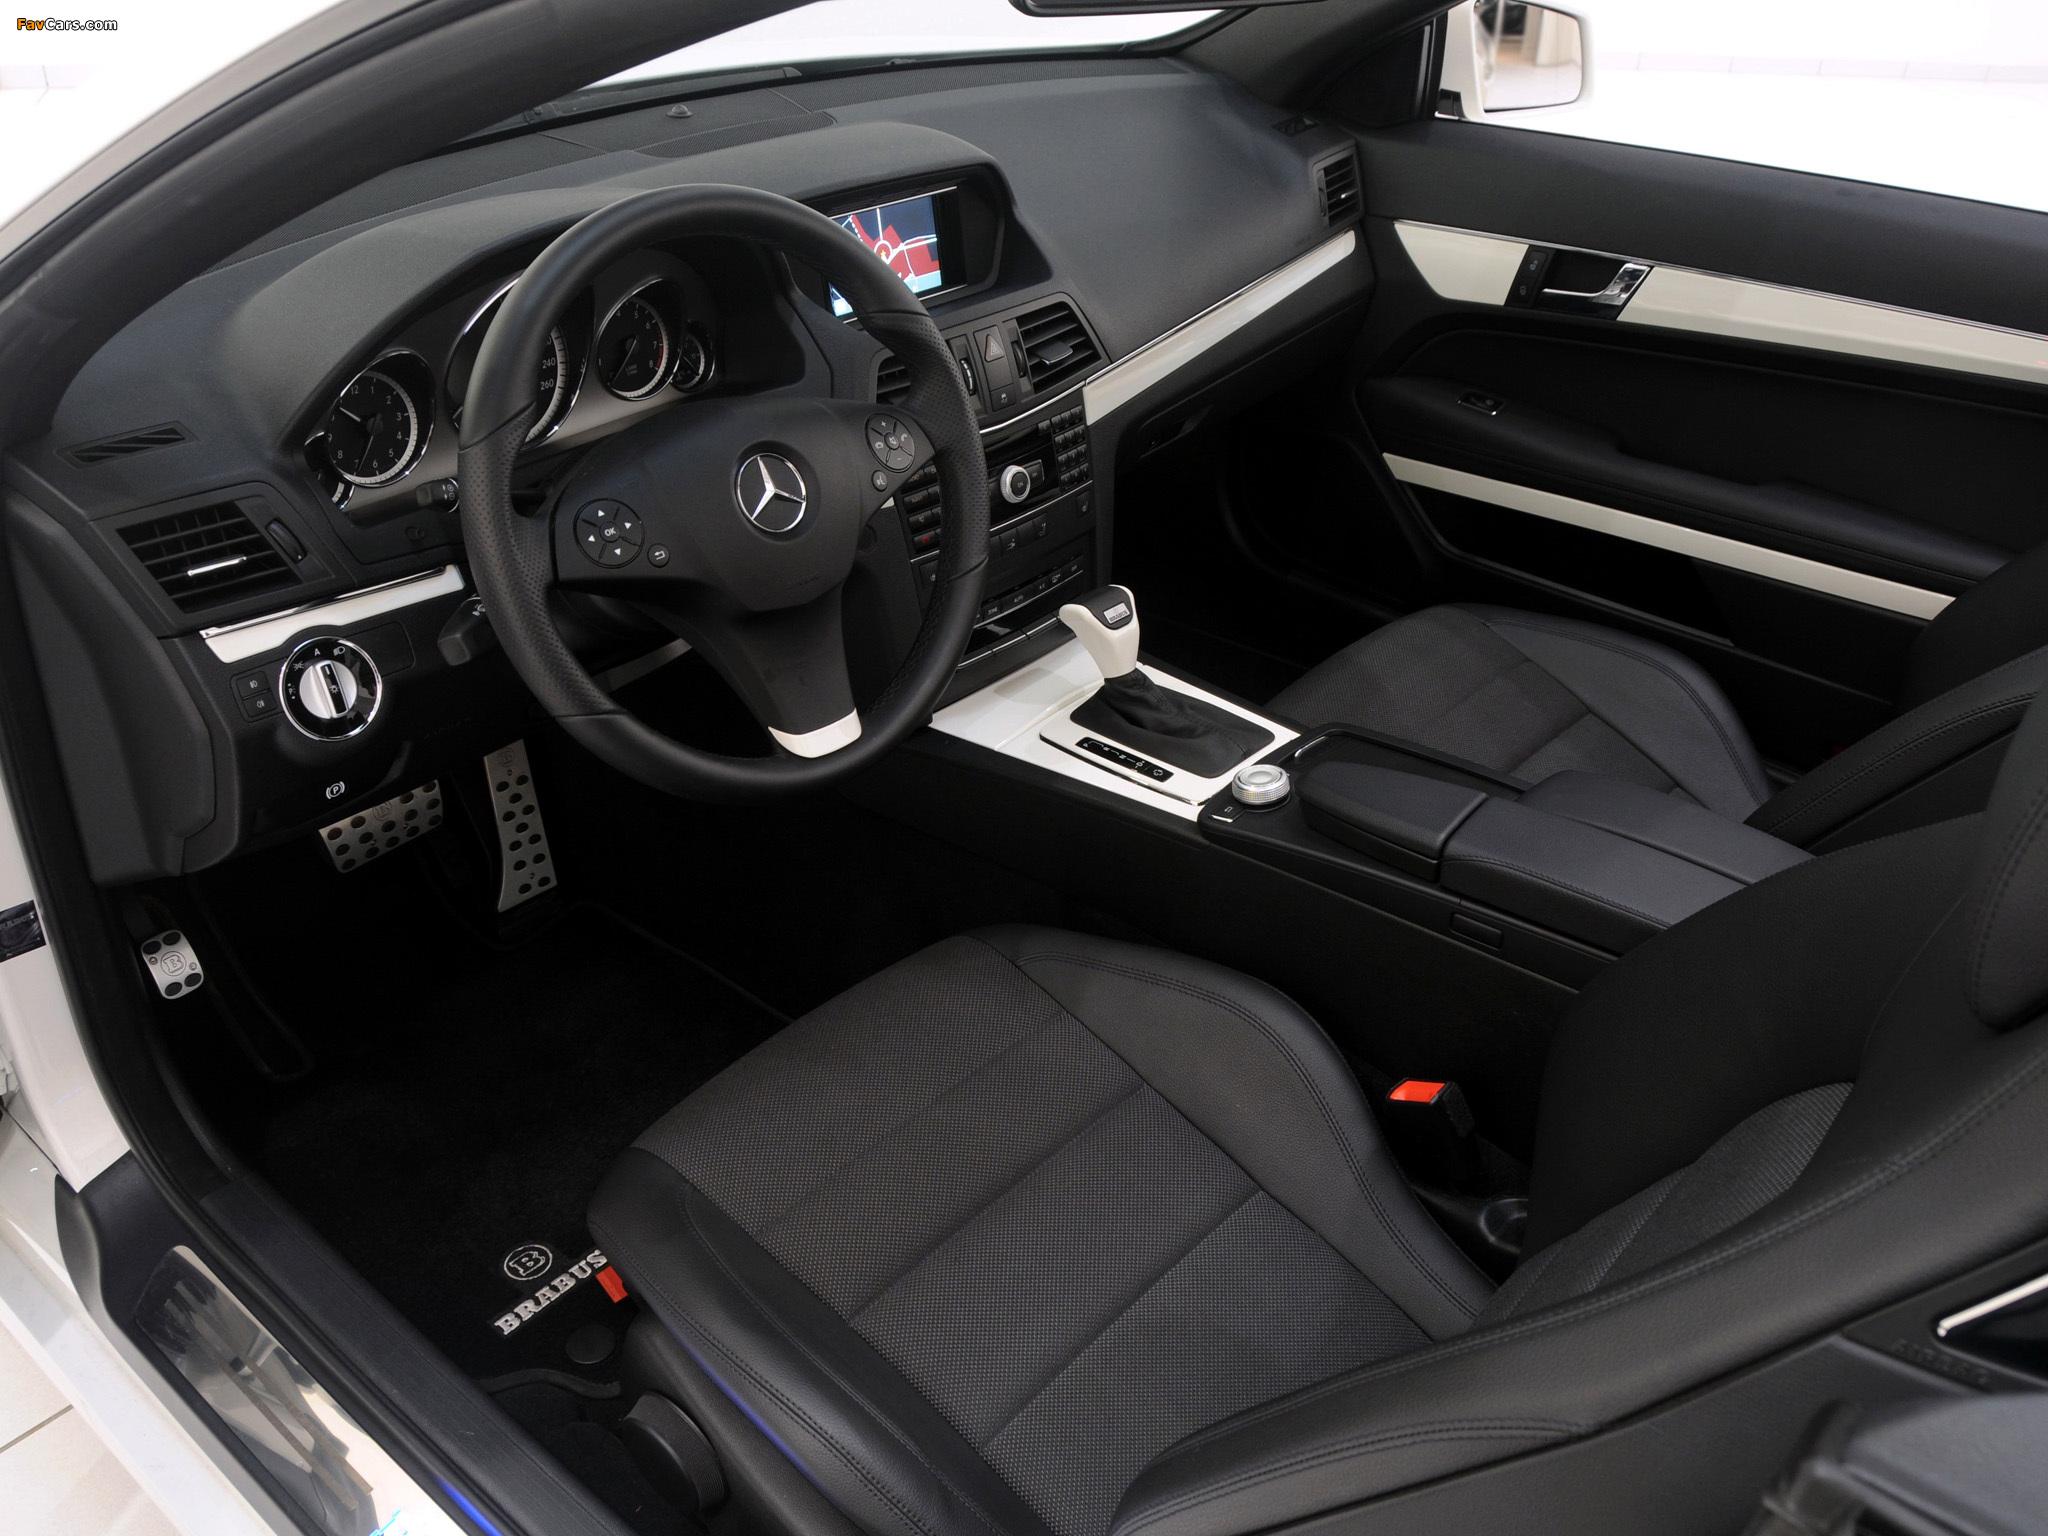 Audio 20 в Mercedes E-Class (W212) не видит телефон по Bluetooth